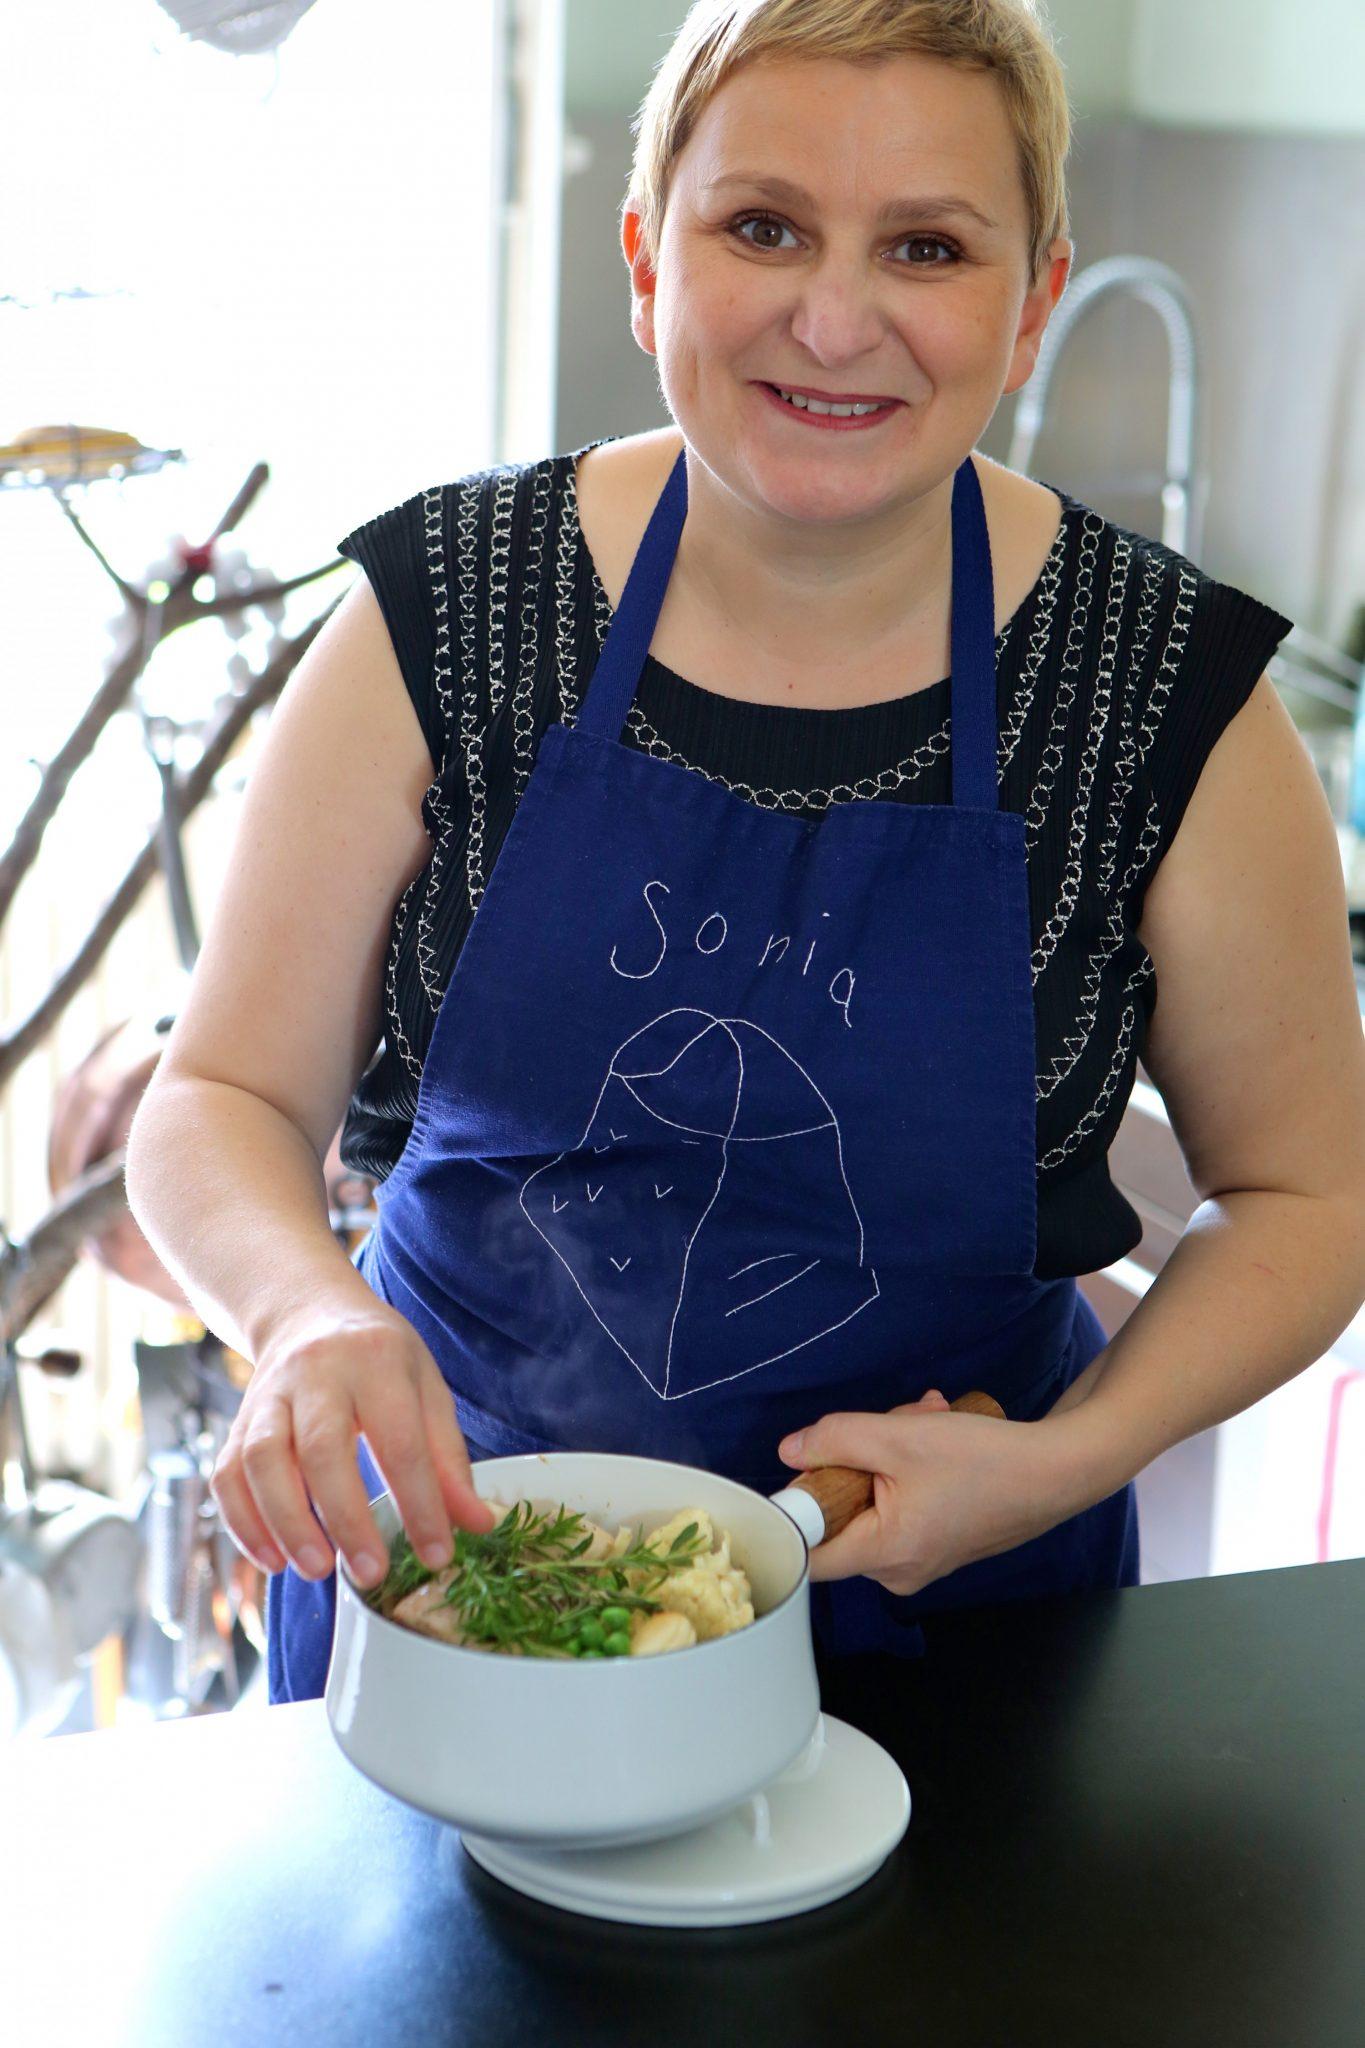 sonia-ezgulian-cuisiner-tout-simplement